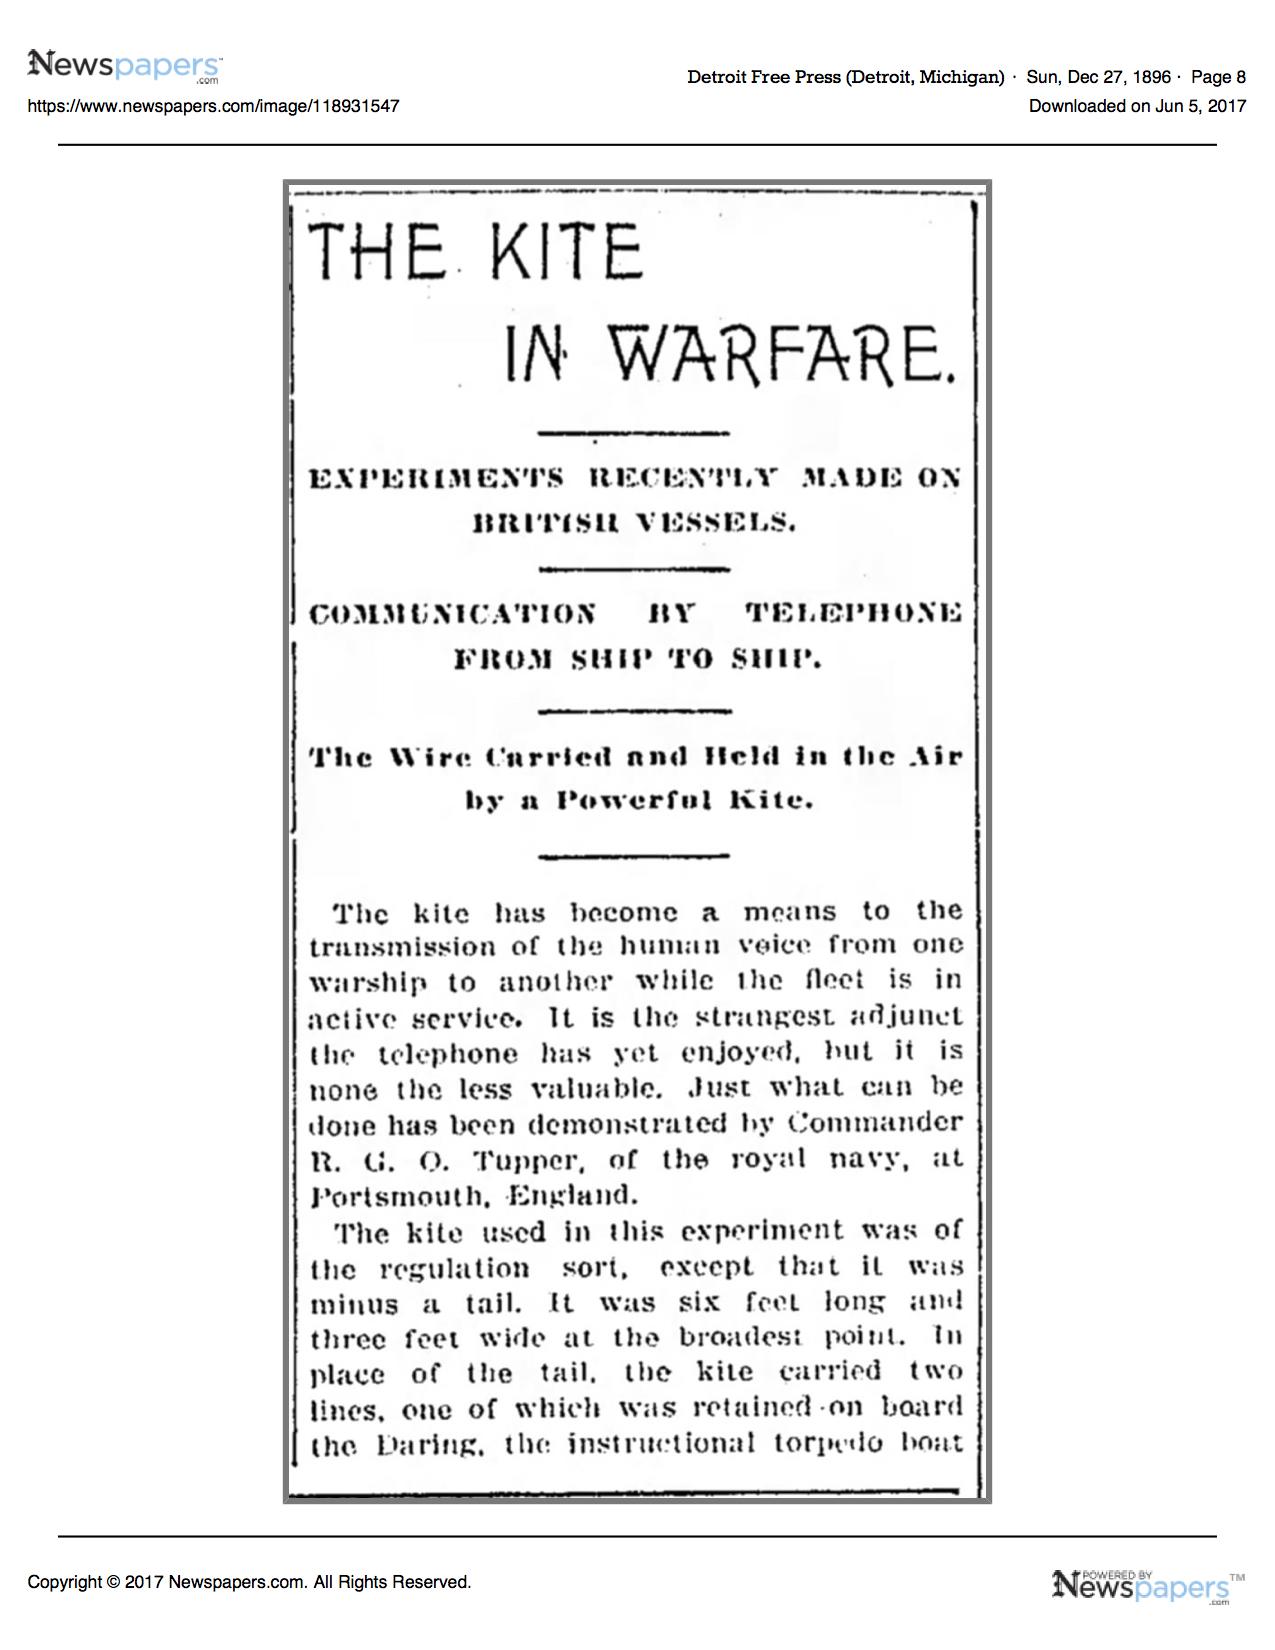 kite in warefare1.jpg